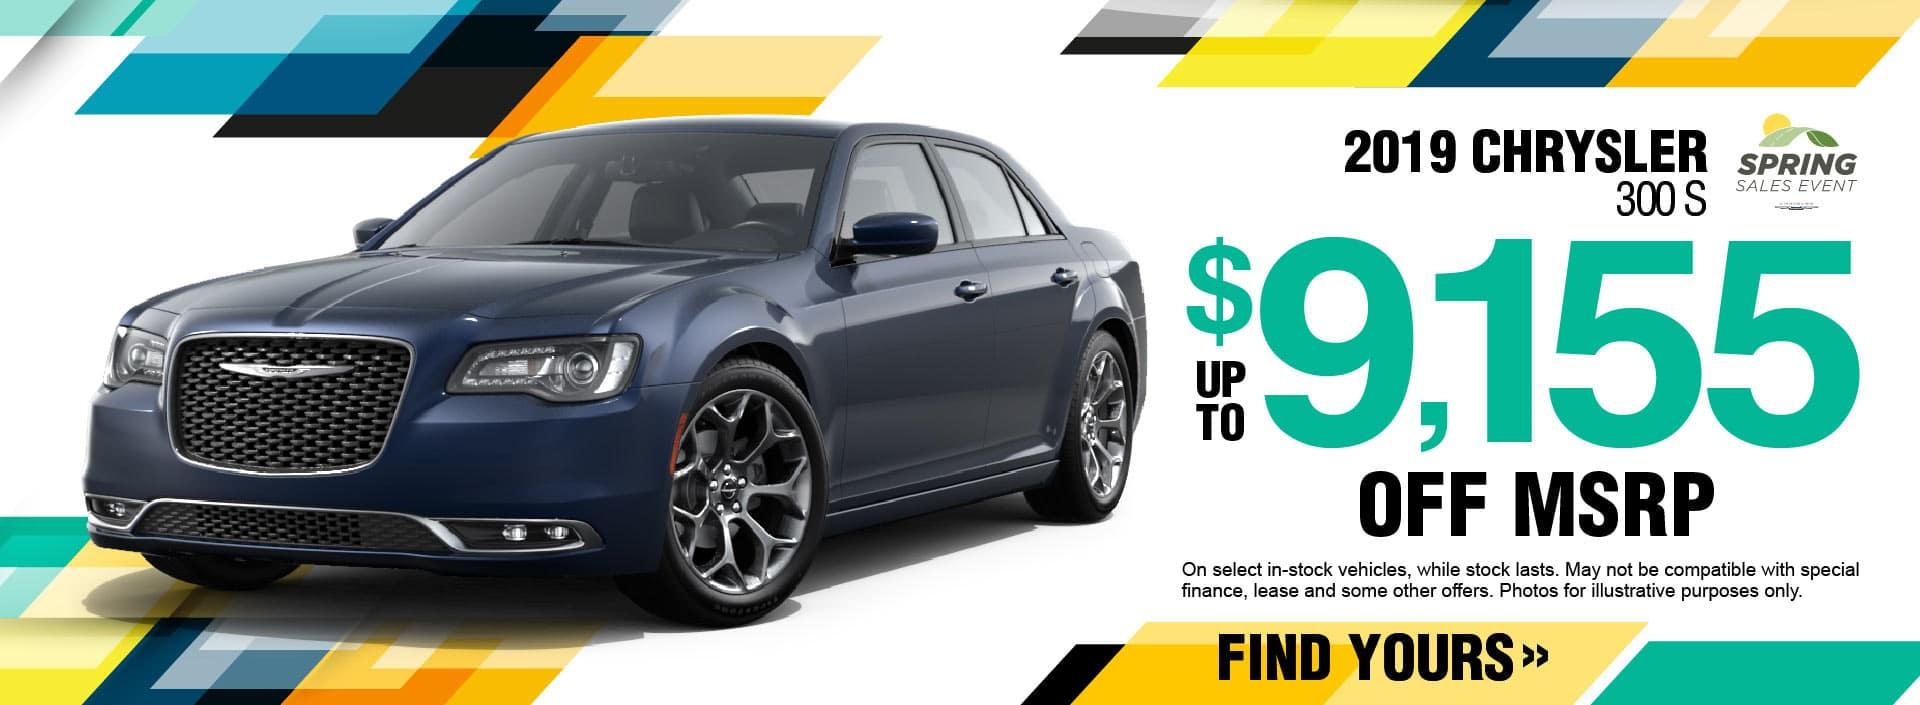 2019 Chrysler 300 Savings